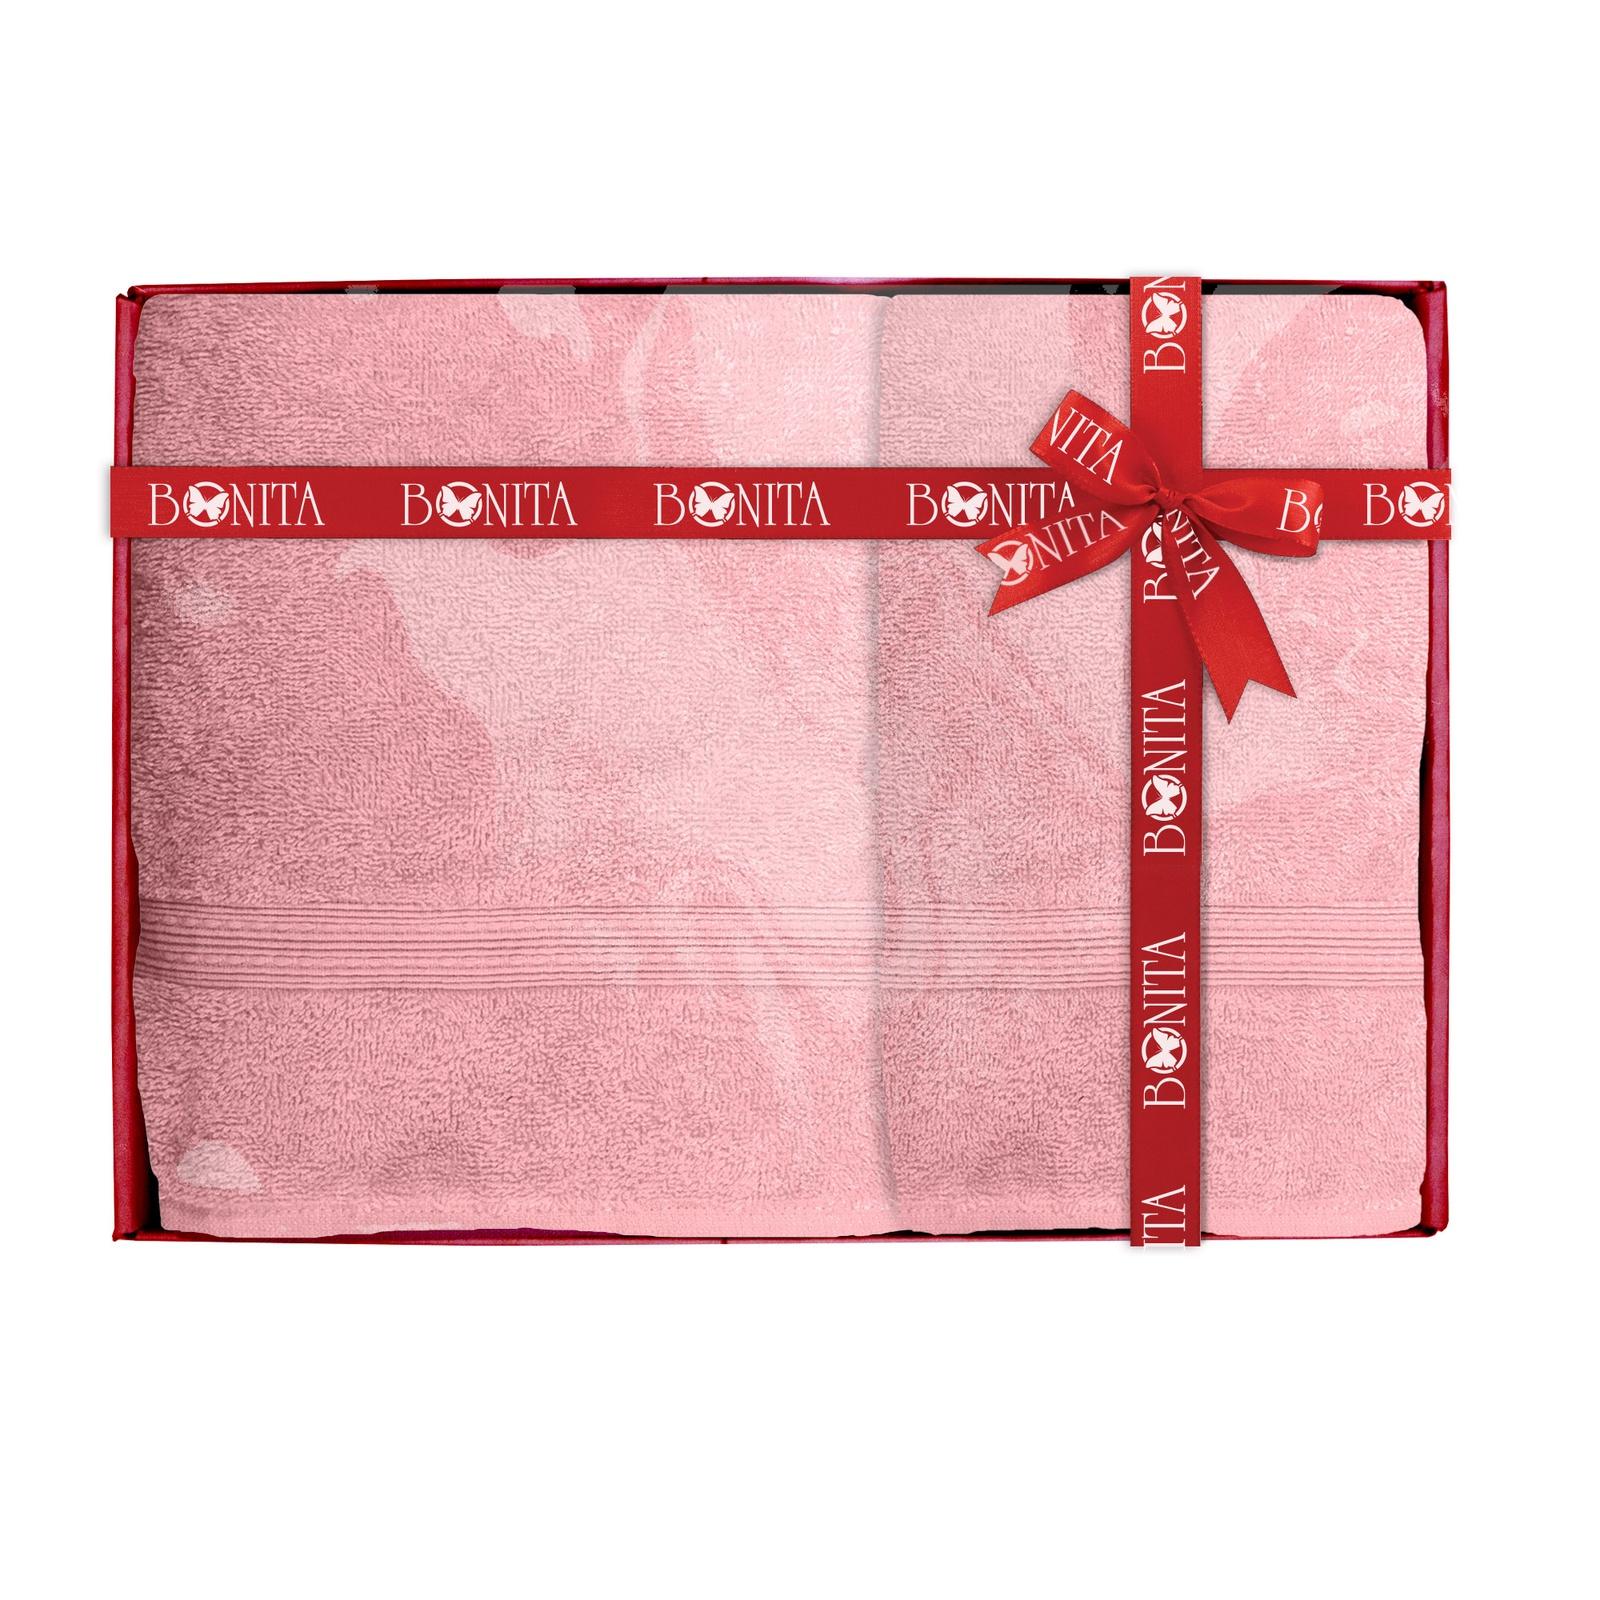 Набор банных полотенец Bonita Пудровый, 21010118684, розовый цена и фото